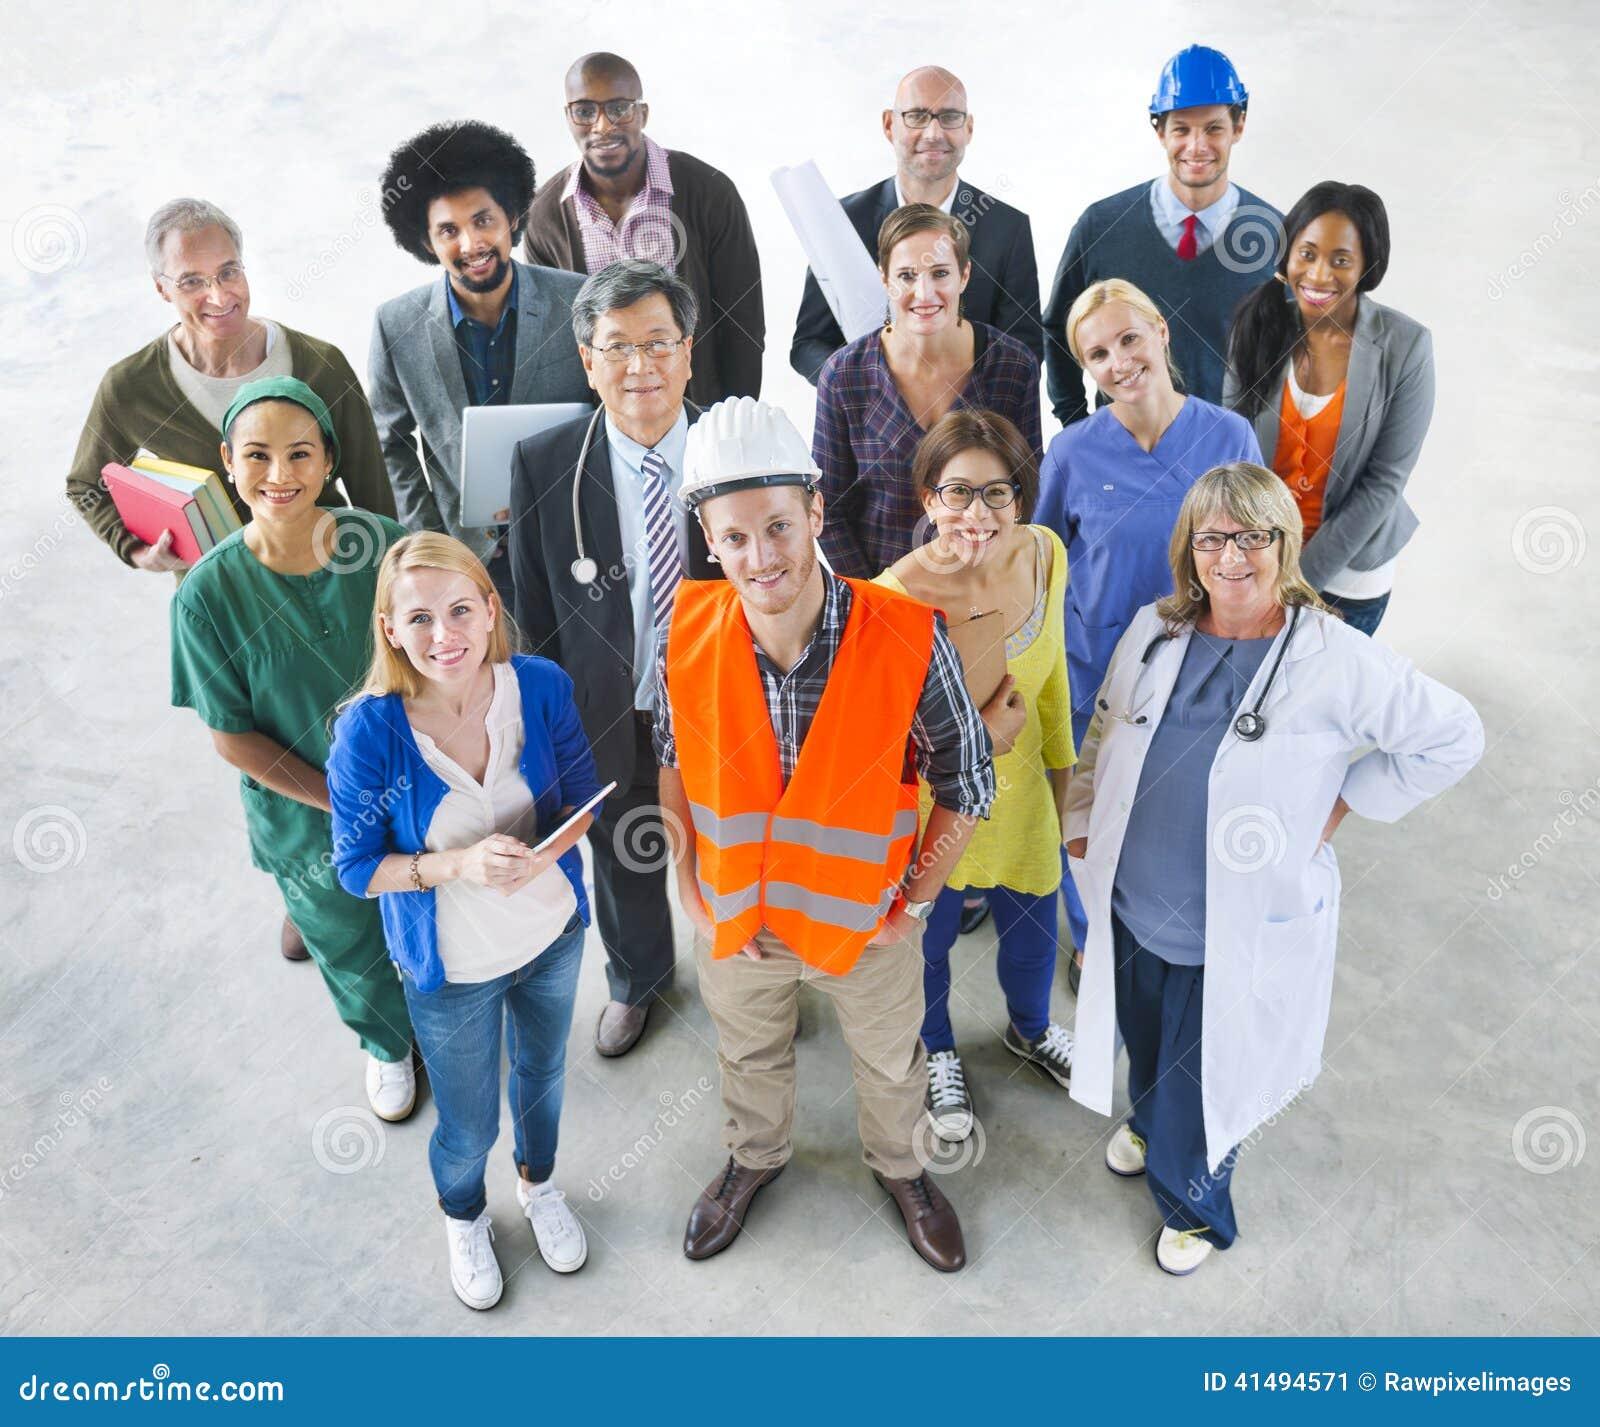 Groep Multi-etnische Diverse Mensen met Verschillende Banen